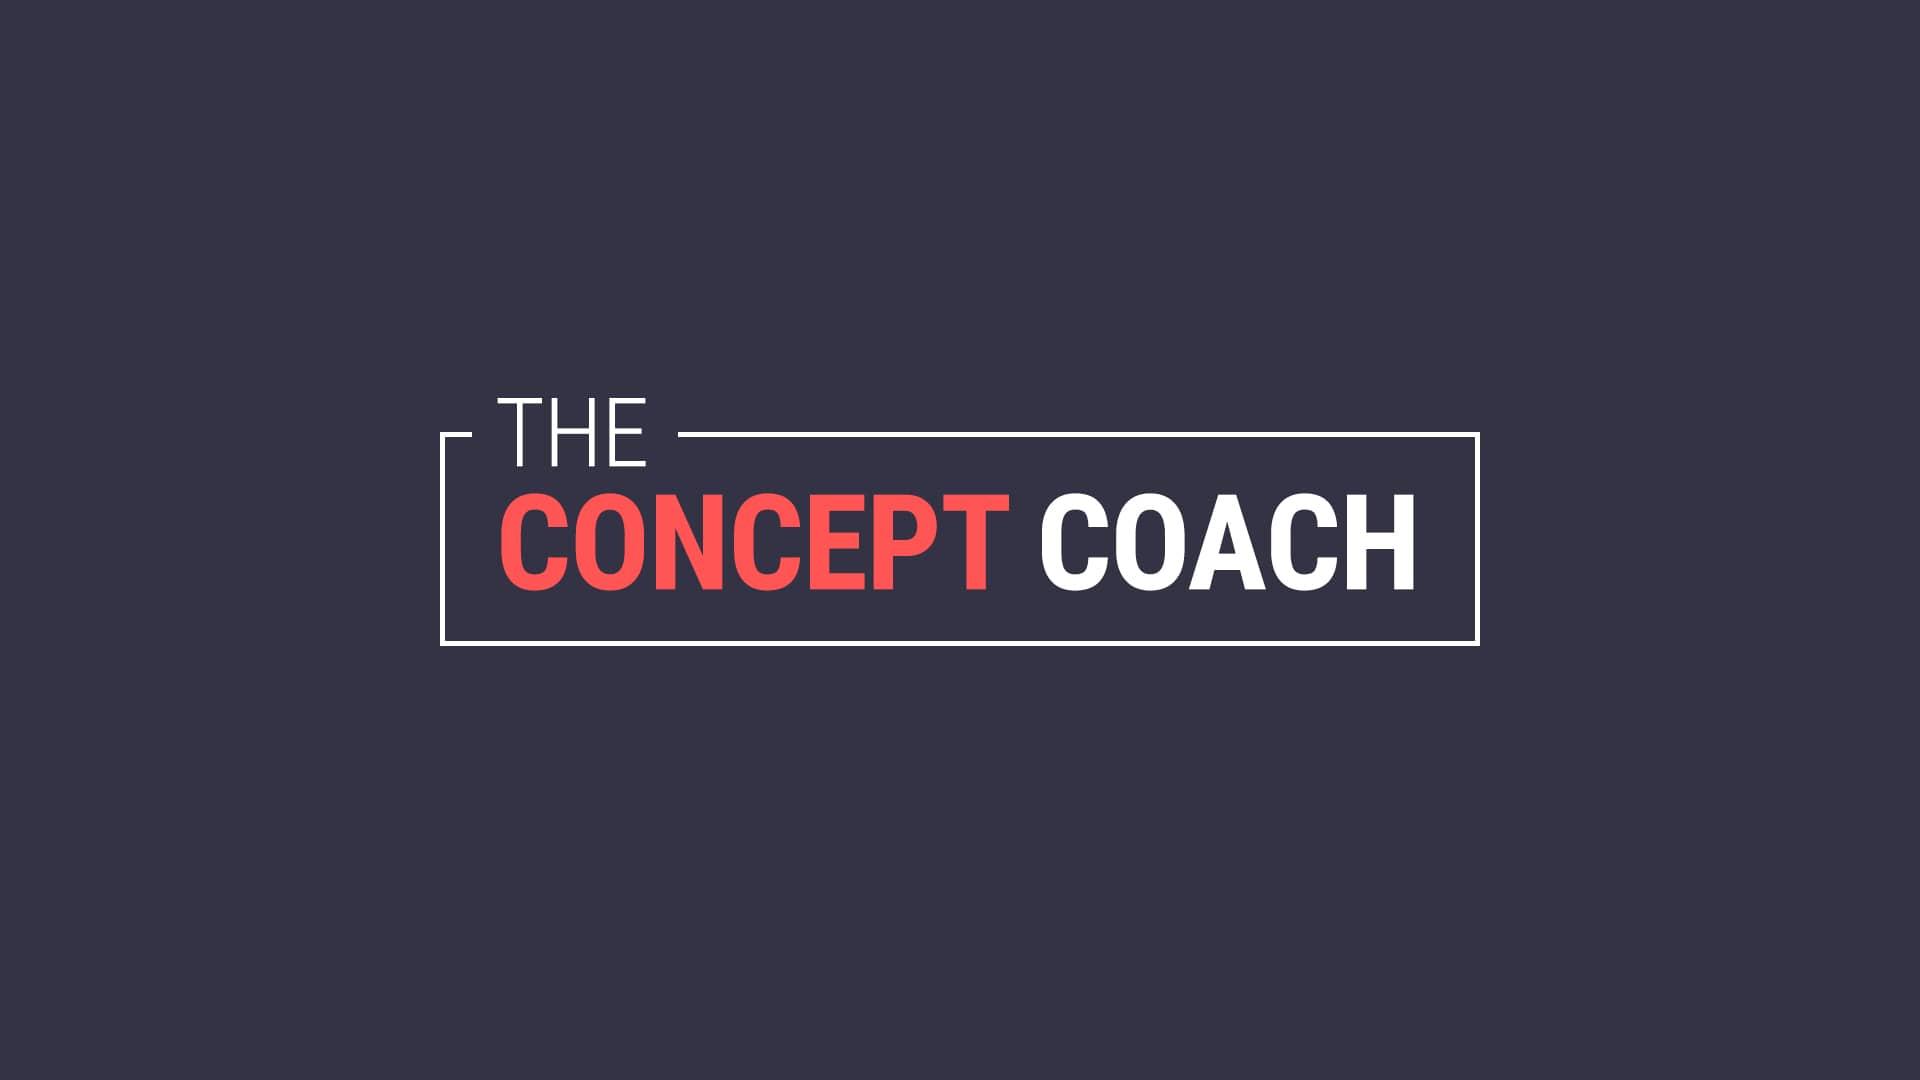 The Concept Coach